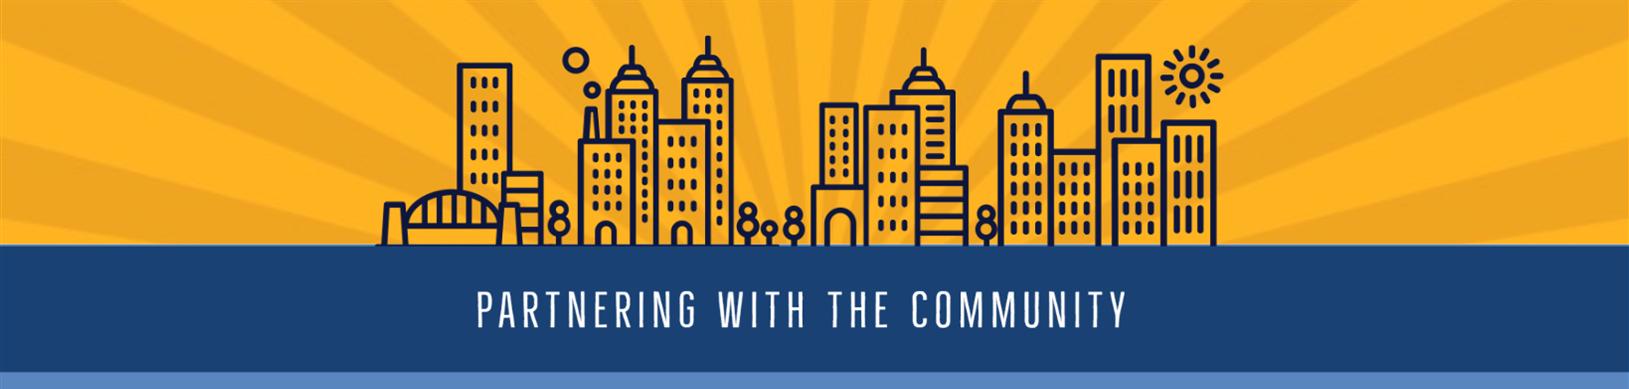 non-profit-community.png